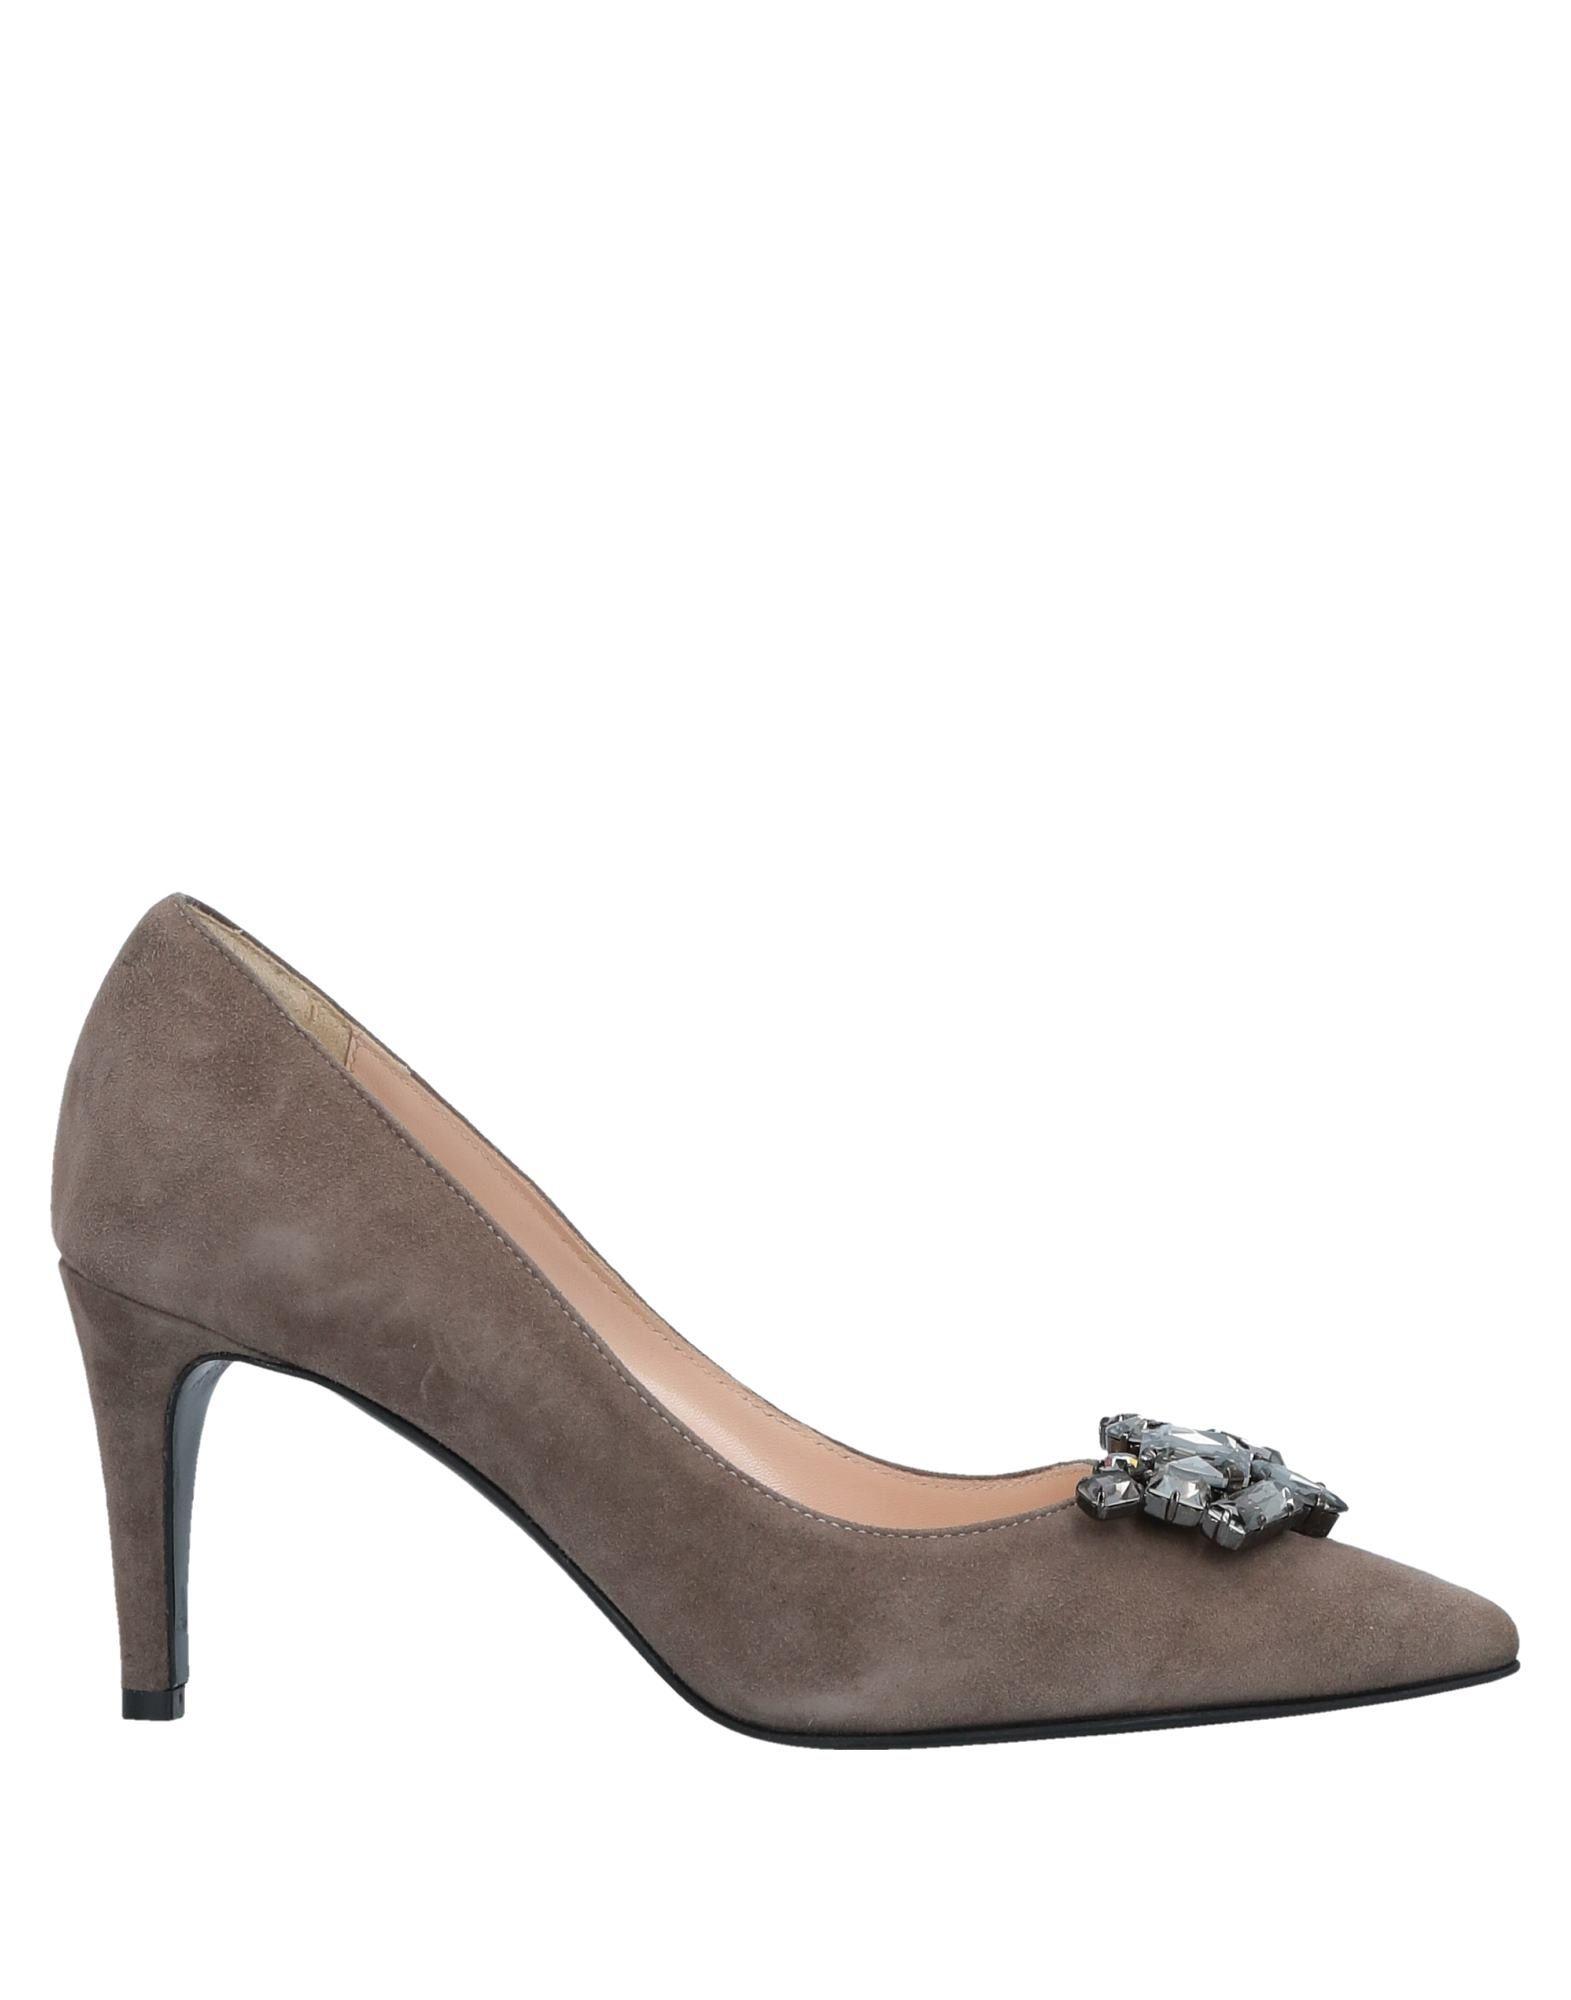 Sandali Melluso Donna e - 11532577NS Nuove offerte e Donna scarpe comode 59afb4